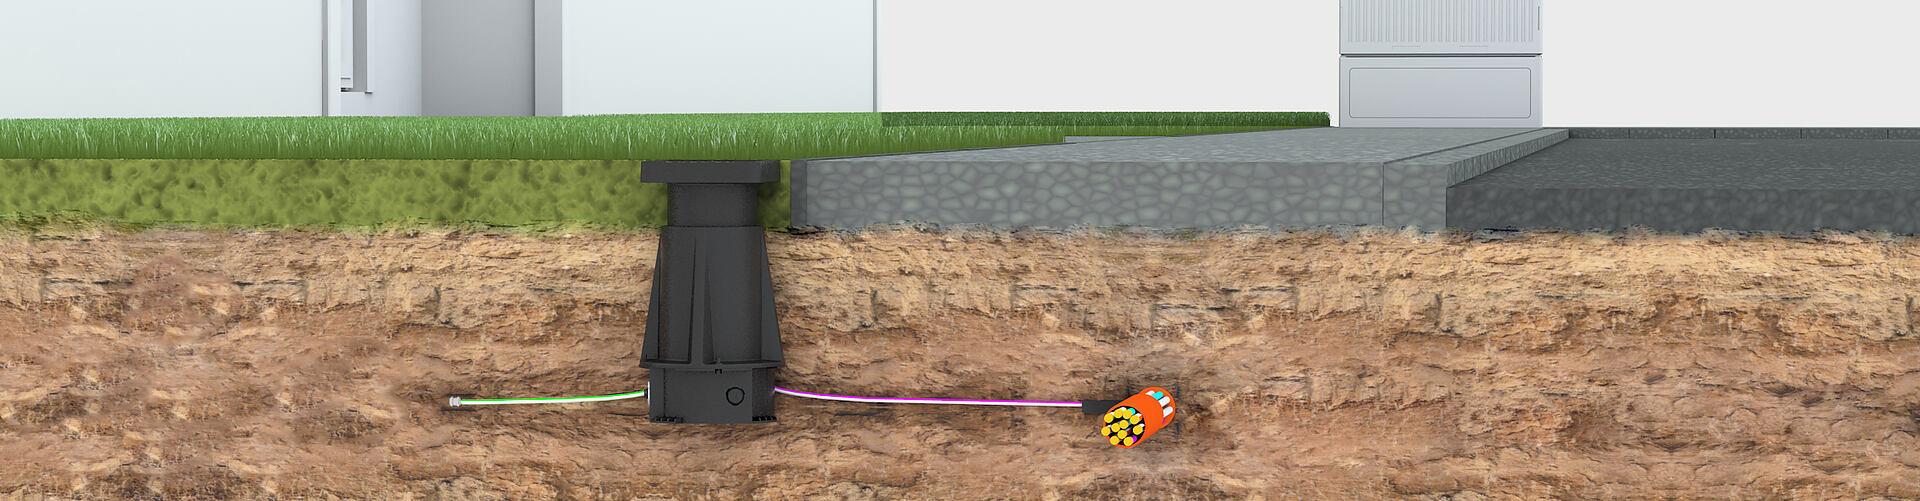 Glasfaserausbau neu gedacht